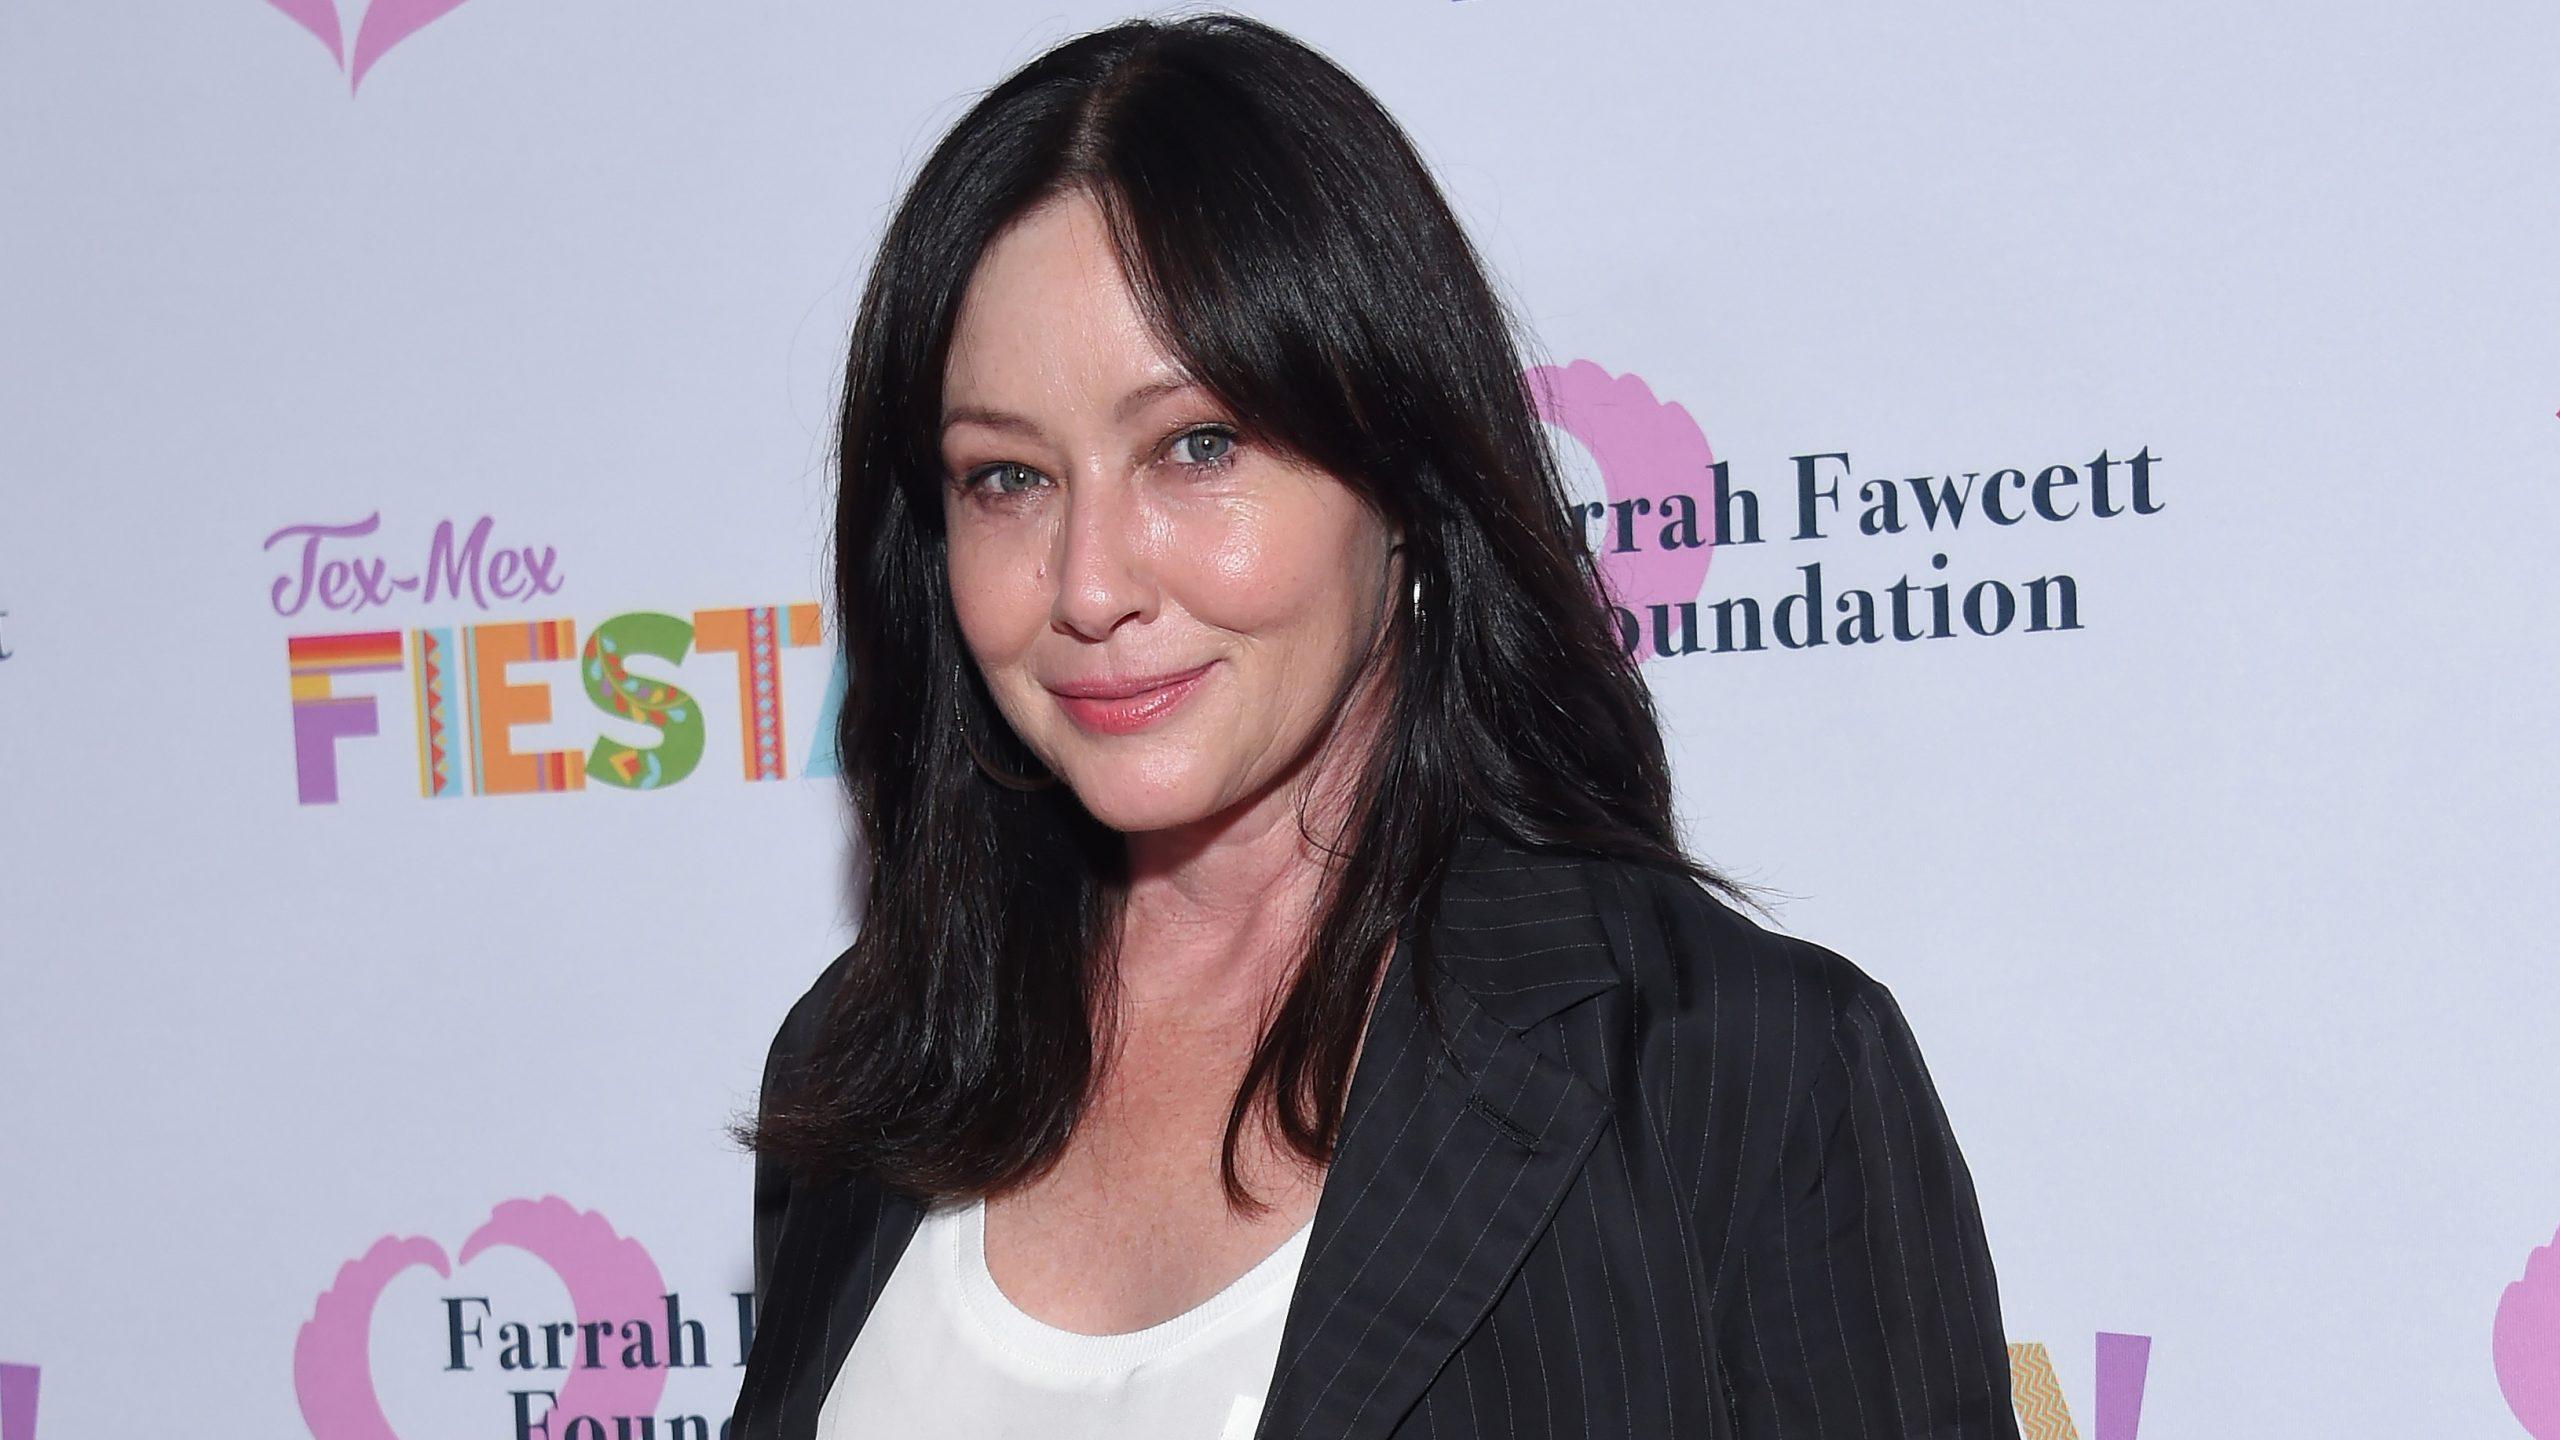 Shannen Doherty đăng một bức ảnh không trang điểm, nơi nữ diễn viên chia sẻ việc cô đã vi phạm các tiêu chuẩn sắc đẹp của Hollywood